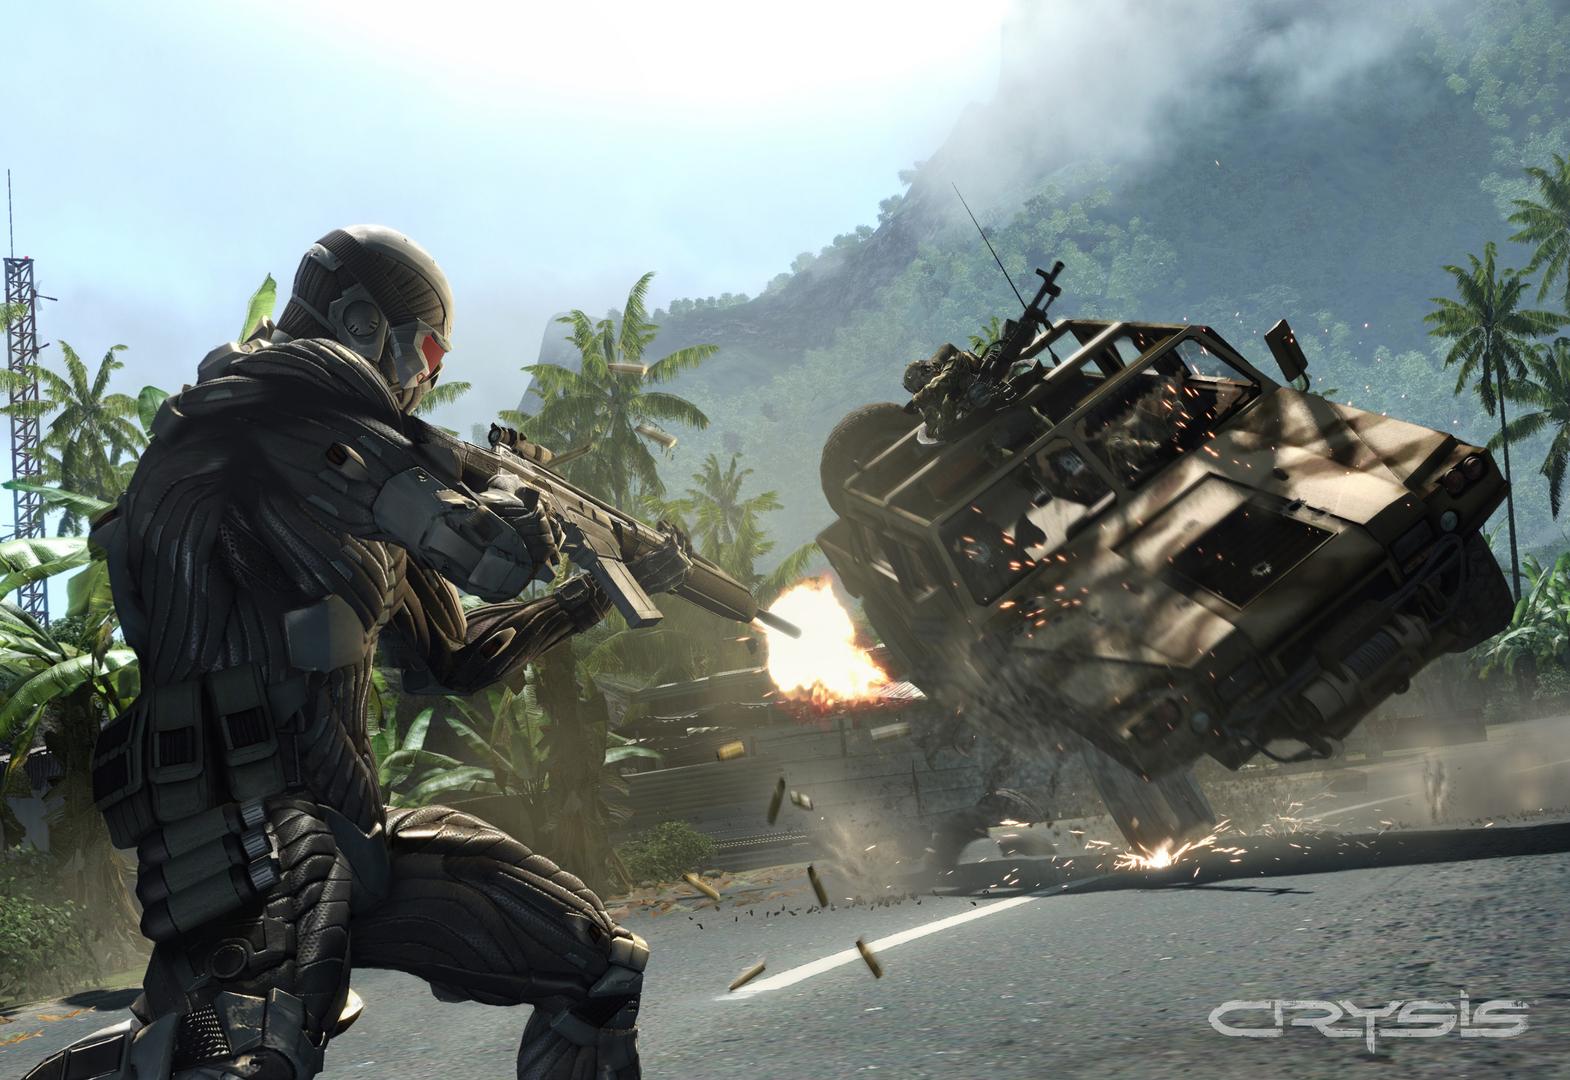 Crysis screenshot 1